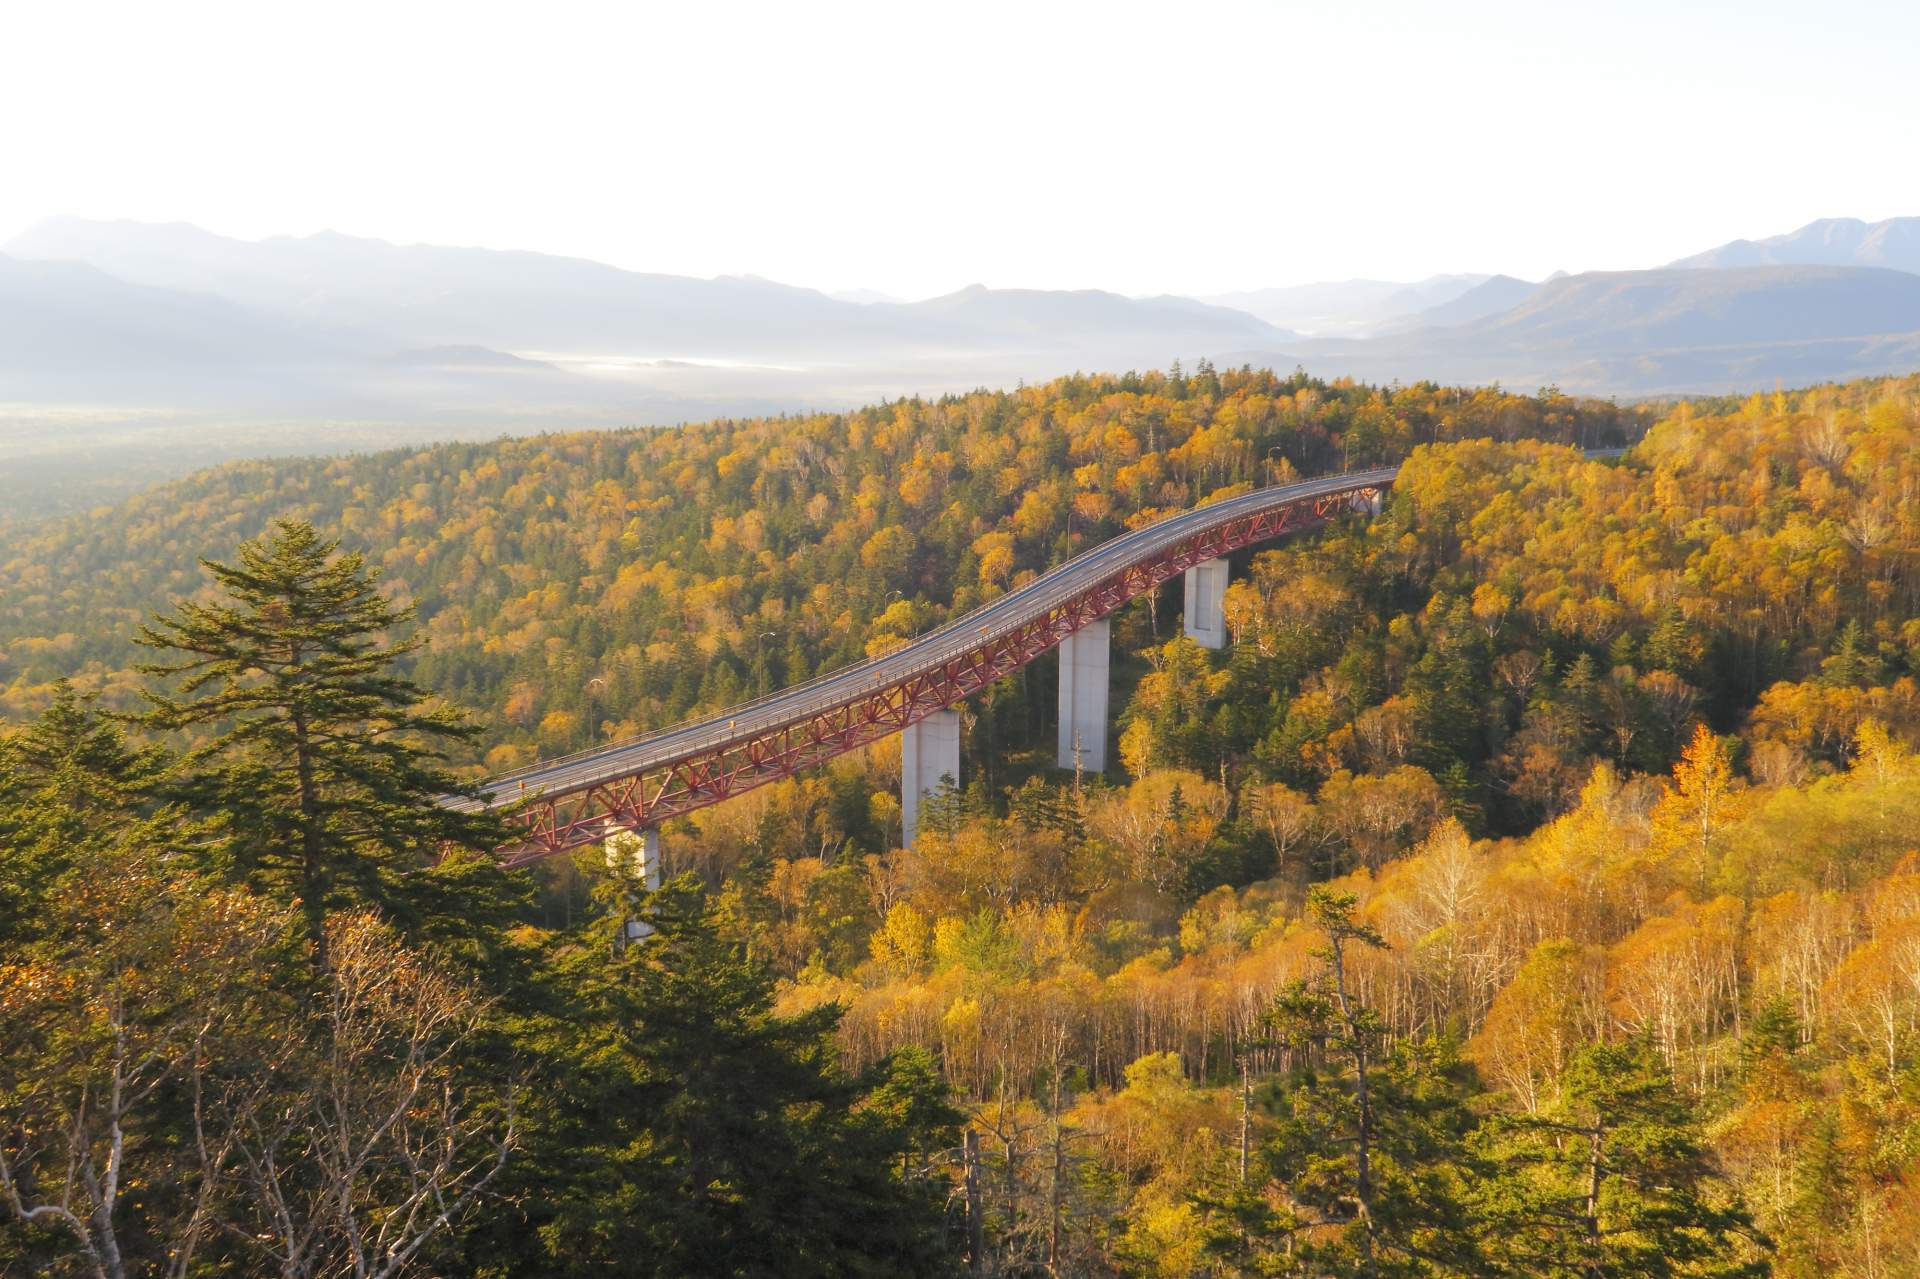 好像是架向天空之橋的松見大橋和紅葉樹海